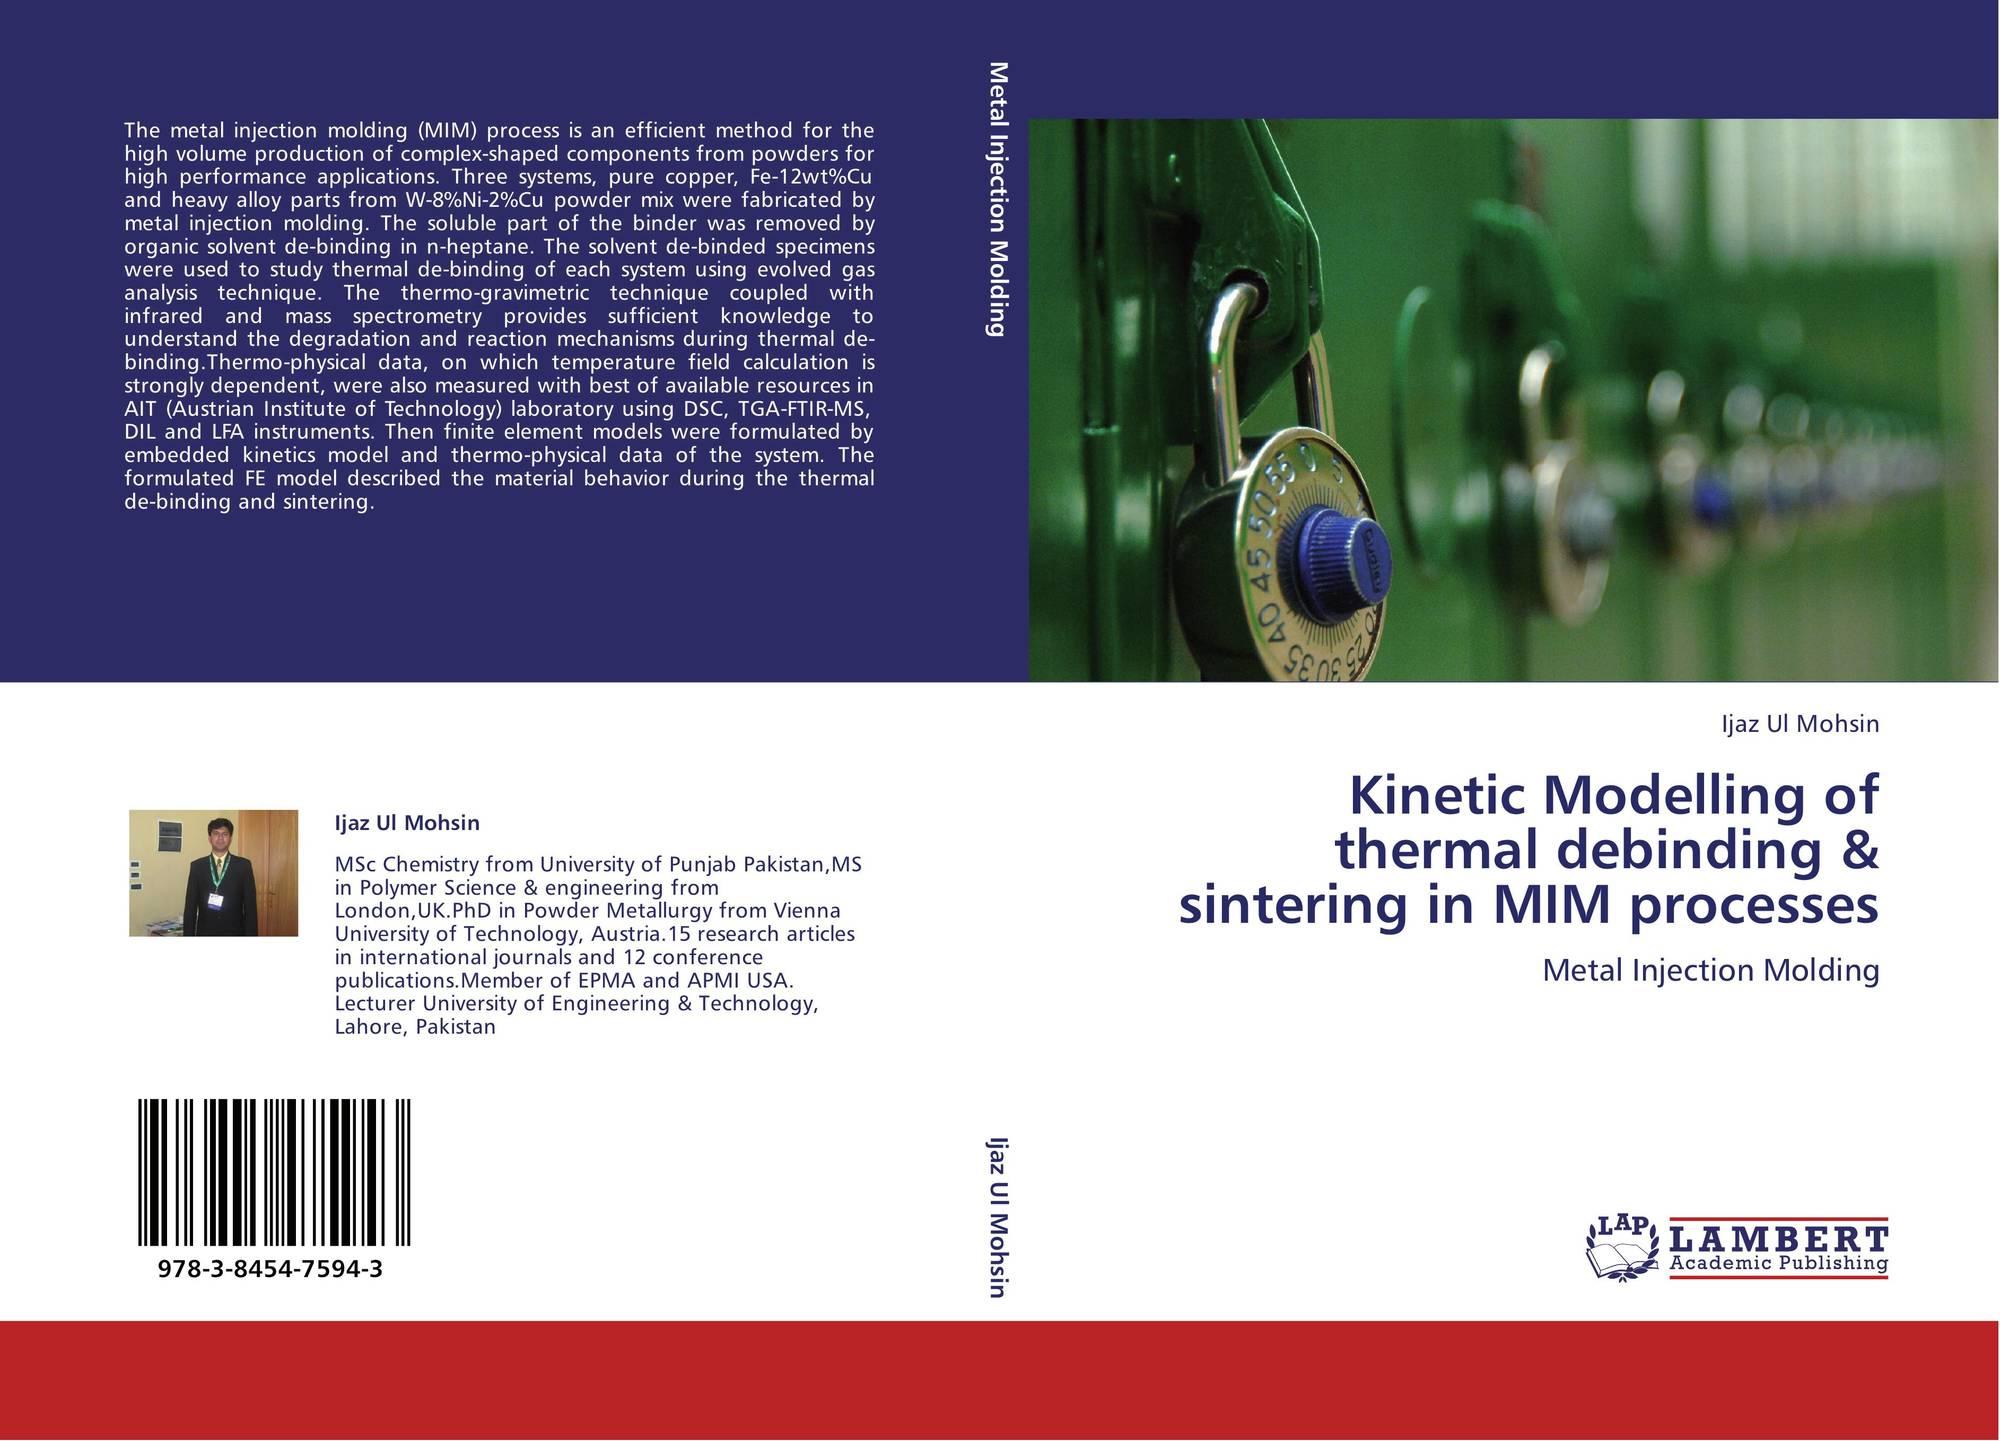 Kinetic Modelling of thermal debinding & sintering in MIM